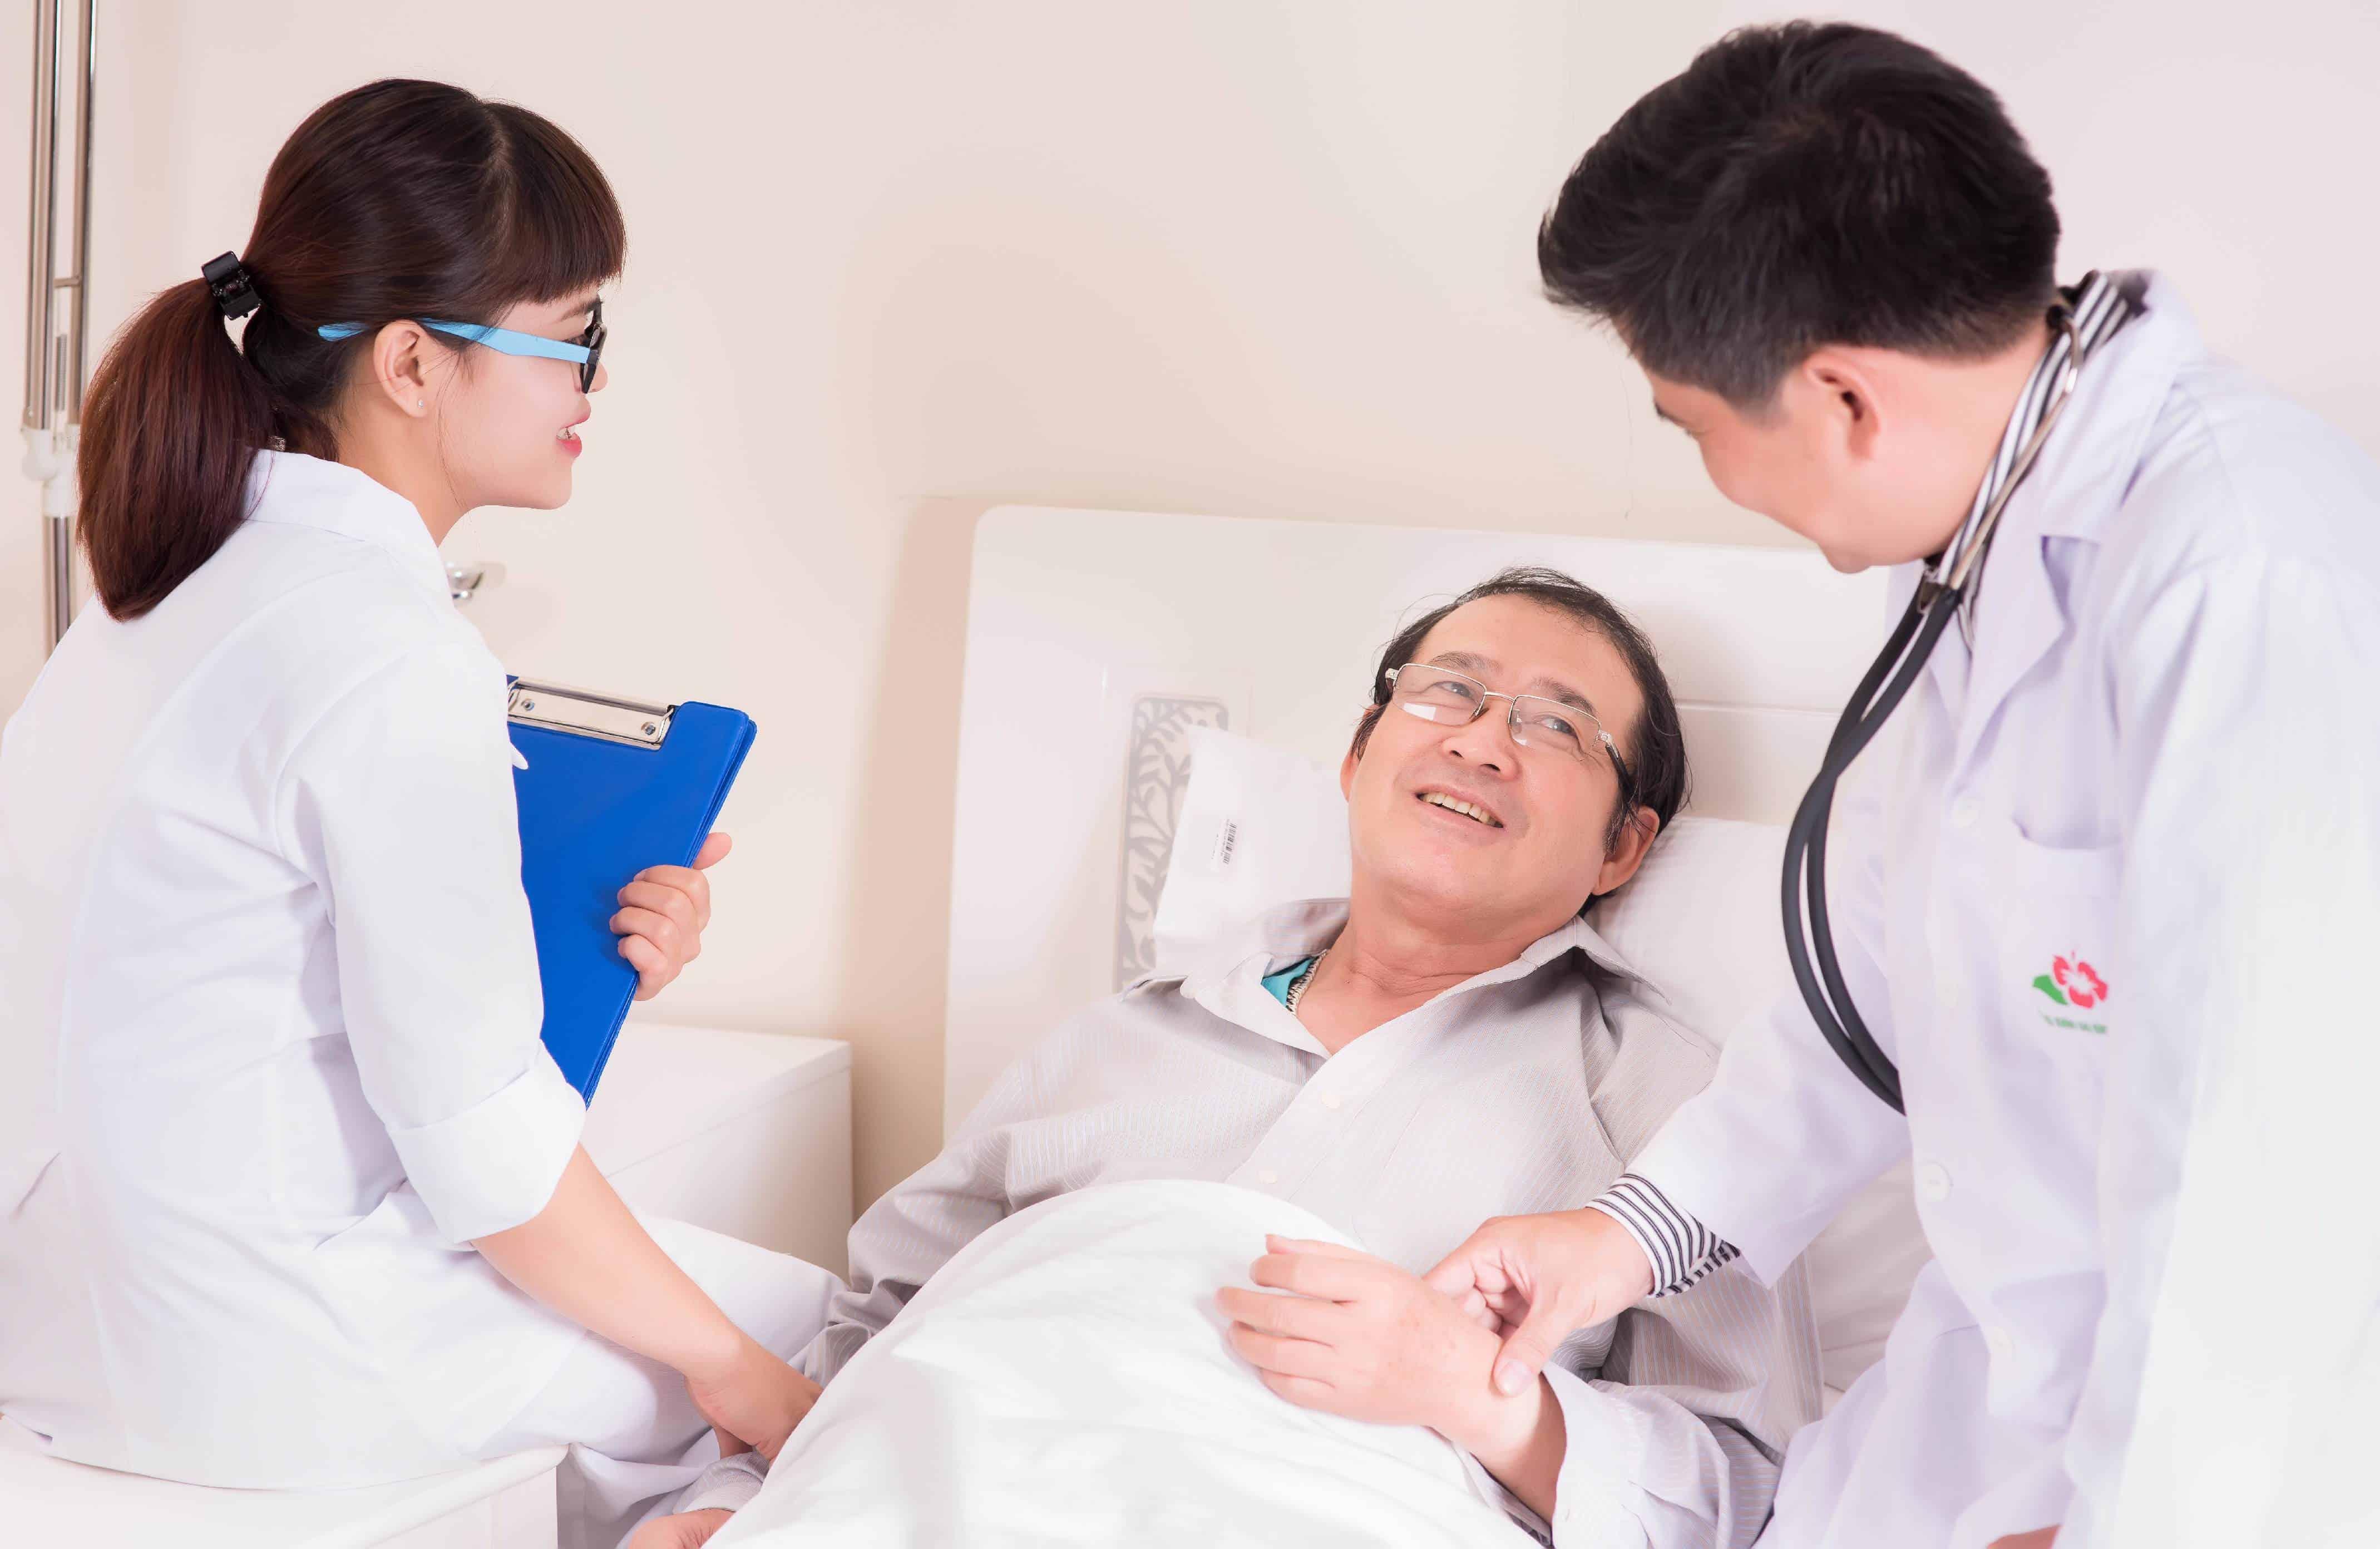 Hướng Dẫn Cách Chăm Sóc Bệnh Nhân Bị Ung Thư Phổi